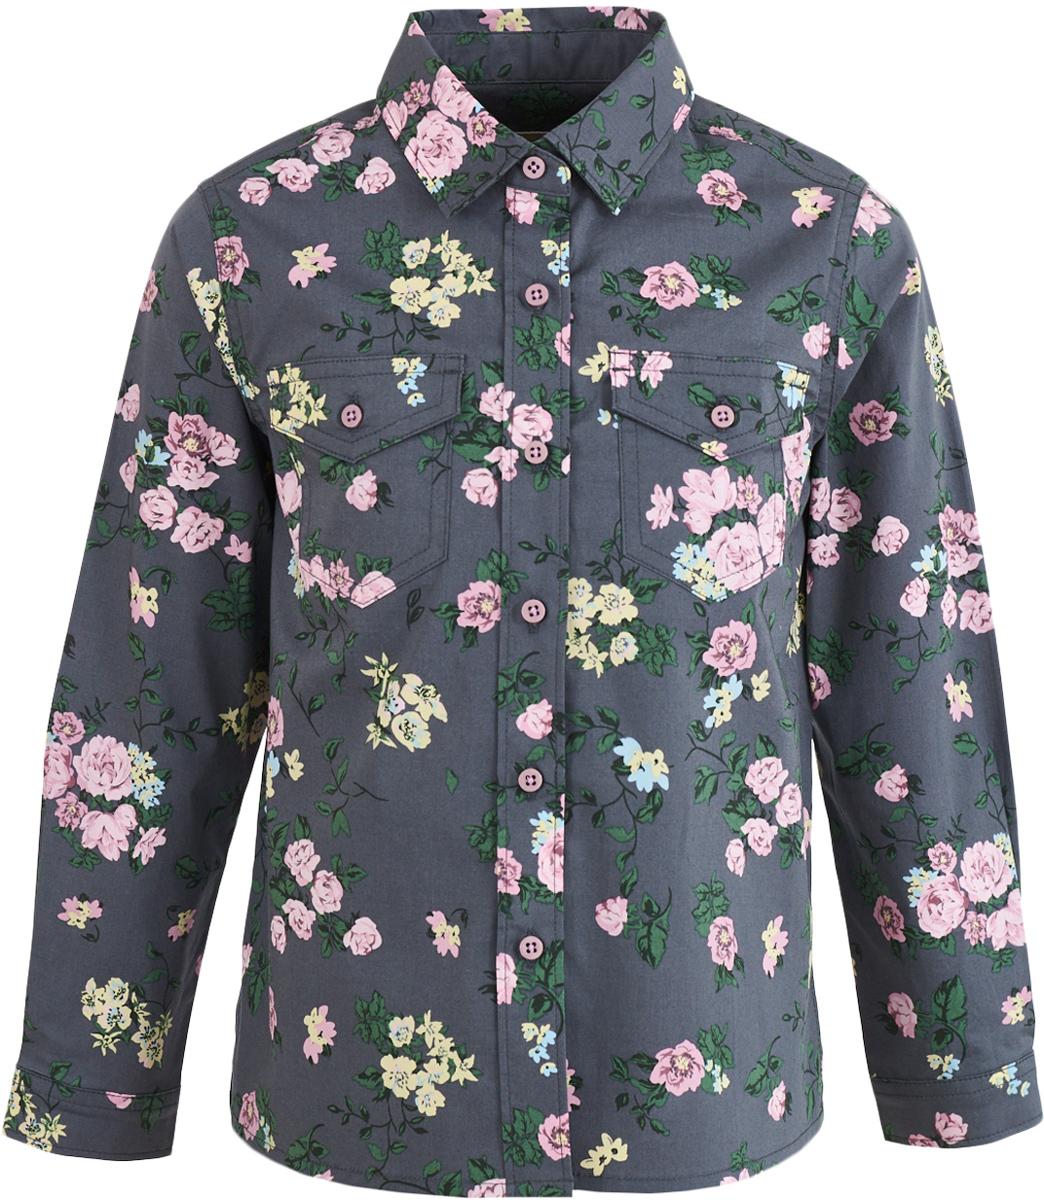 Рубашка для девочки Button Blue, цвет: темно-серый. 217BBGC23012014. Размер 158, 13 лет217BBGC23012014Модная рубашка для девочки должна выглядеть именно так: свободный прямой силуэт и мягкая, приятная на ощупь хлопковая ткань в равномерный цветочный рисунок. Ваша задача купить рубашку недорого увенчается успехом, если вы обратите внимание на прекрасную рубашку от Button Blue. Дети быстро растут и часто меняют свои вкусовые предпочтения, поэтому всем практичным родителям надо приобретать детские рубашки недорого, чтобы обеспечить ребенку должное разнообразие. Классная рубашка для девочки сделает образ ребенка стильным и свежим, соответствующим основным трендам сезона.